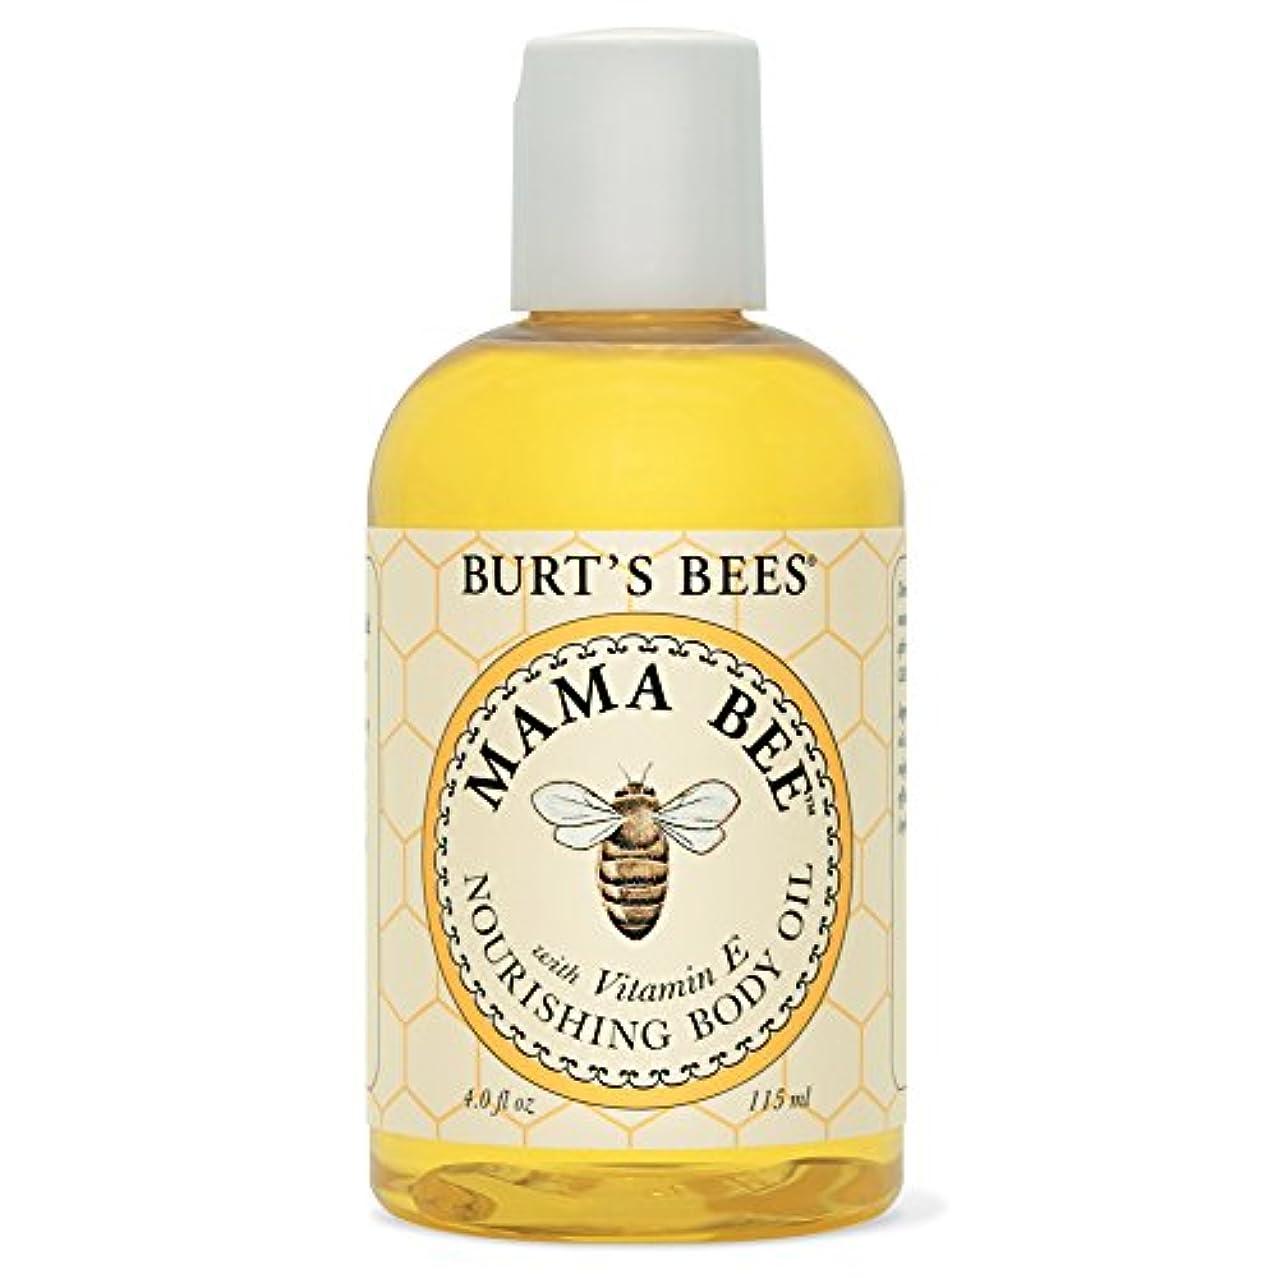 バーツビーママ蜂栄養ボディオイル115ミリリットル (Burt's Bees) - Burt's Bees Mama Bee Nourishing Body Oil 115ml [並行輸入品]